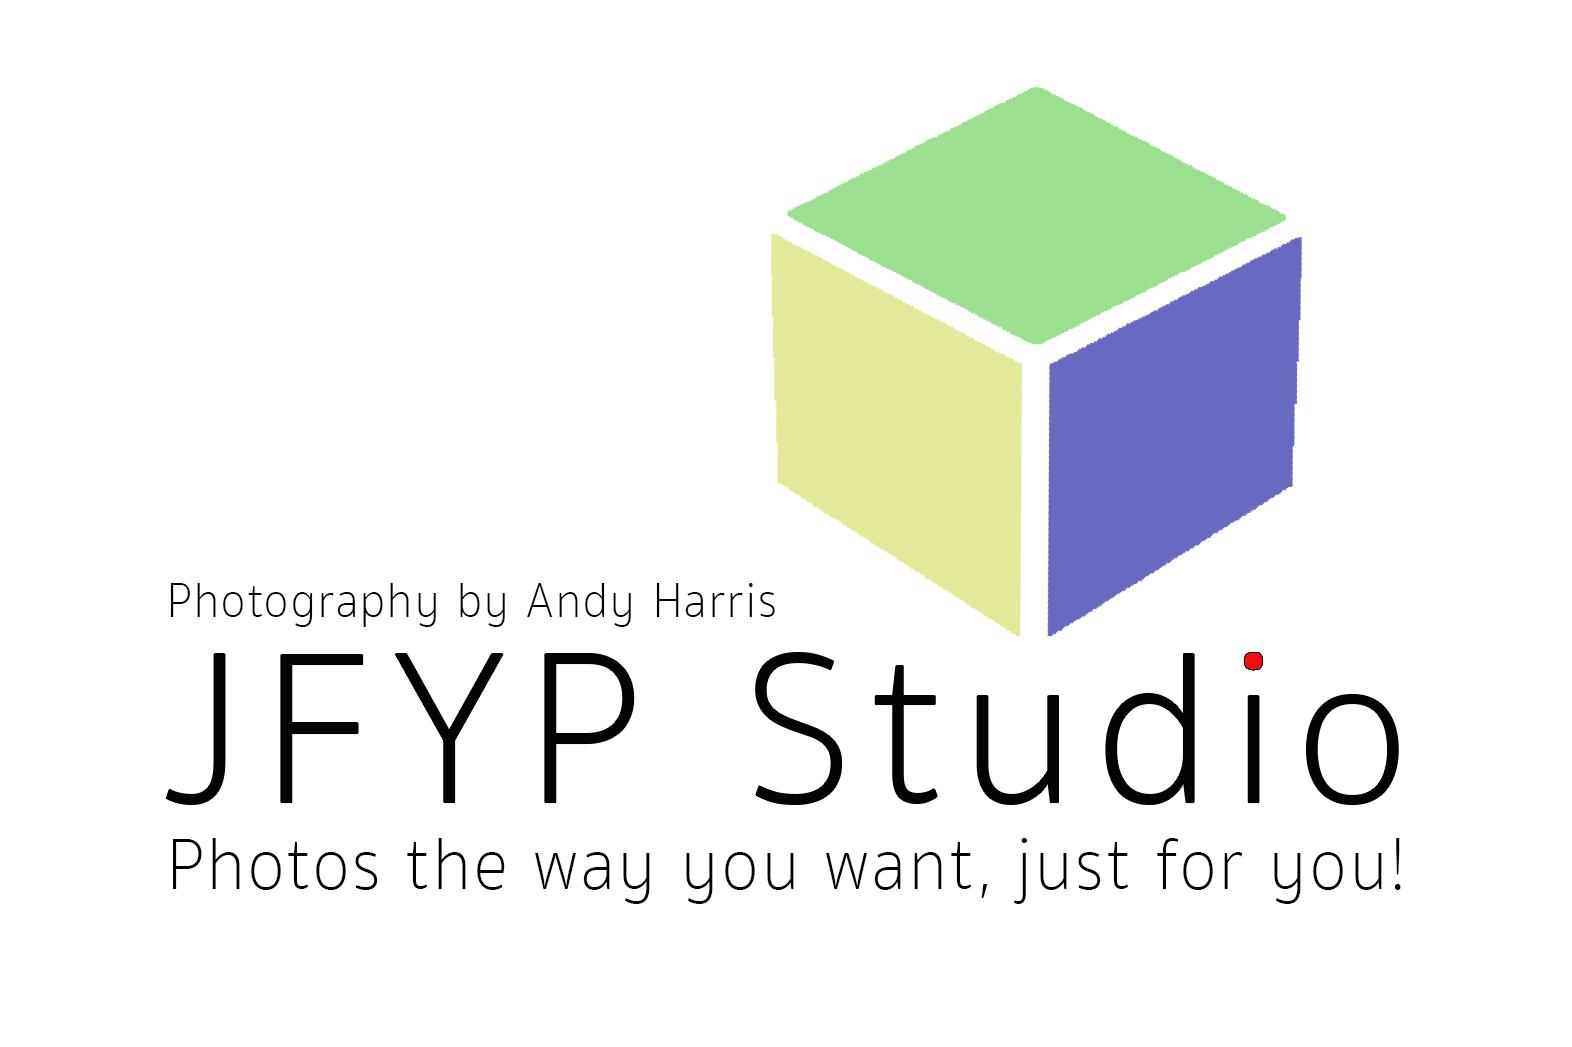 JFYP Studio